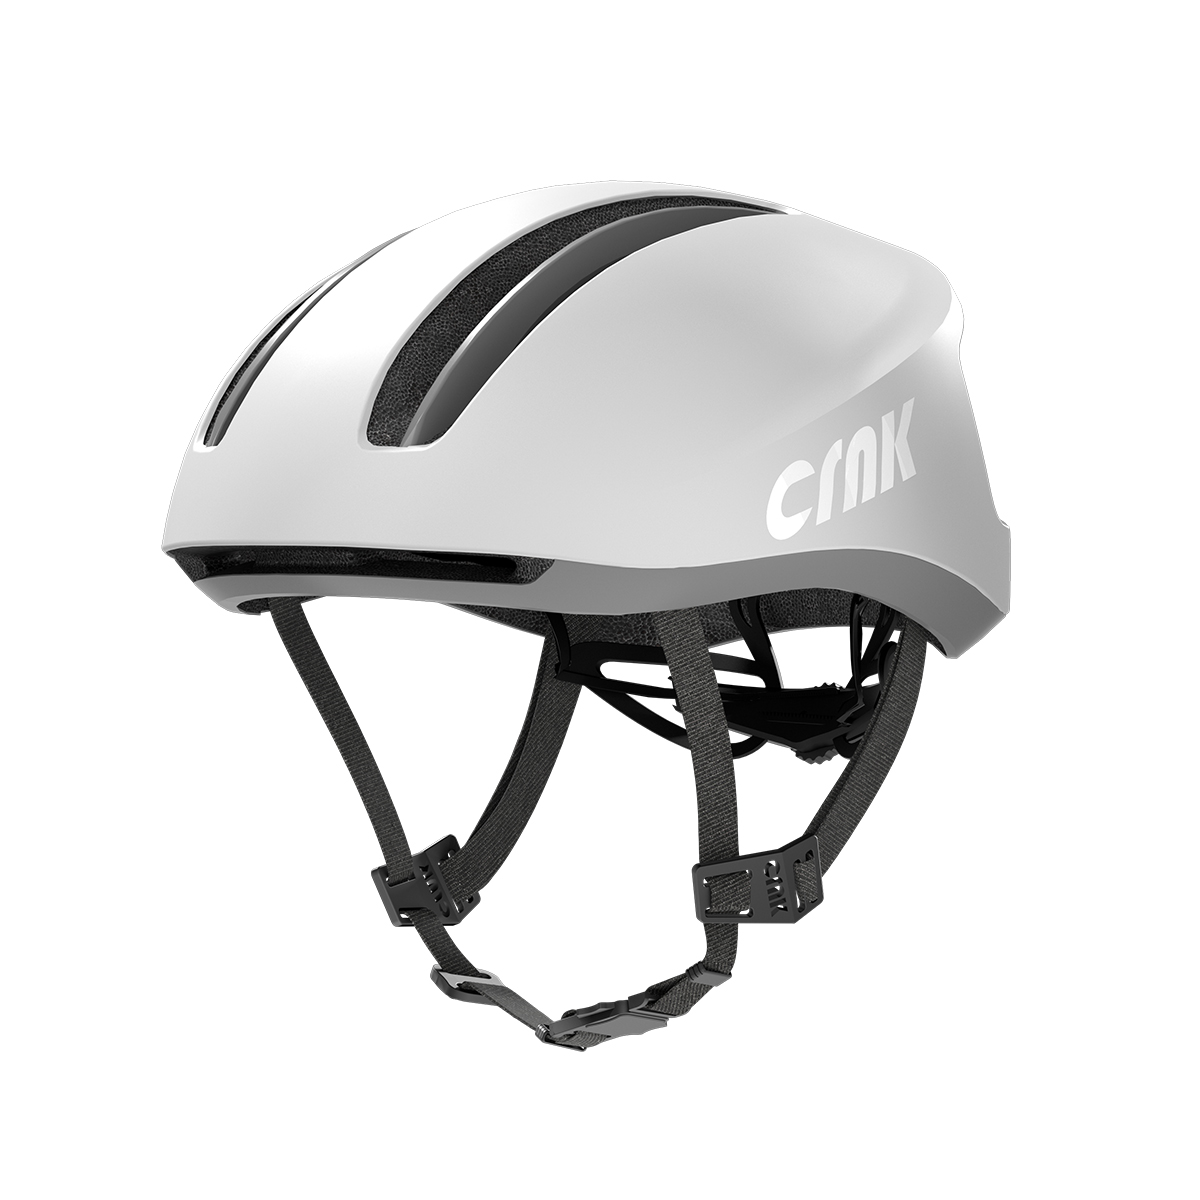 [크랭크 헬멧] 크랭크 아크 에어로 다이나믹 헬멧, 화이트 - 랭킹3위 (79000원)